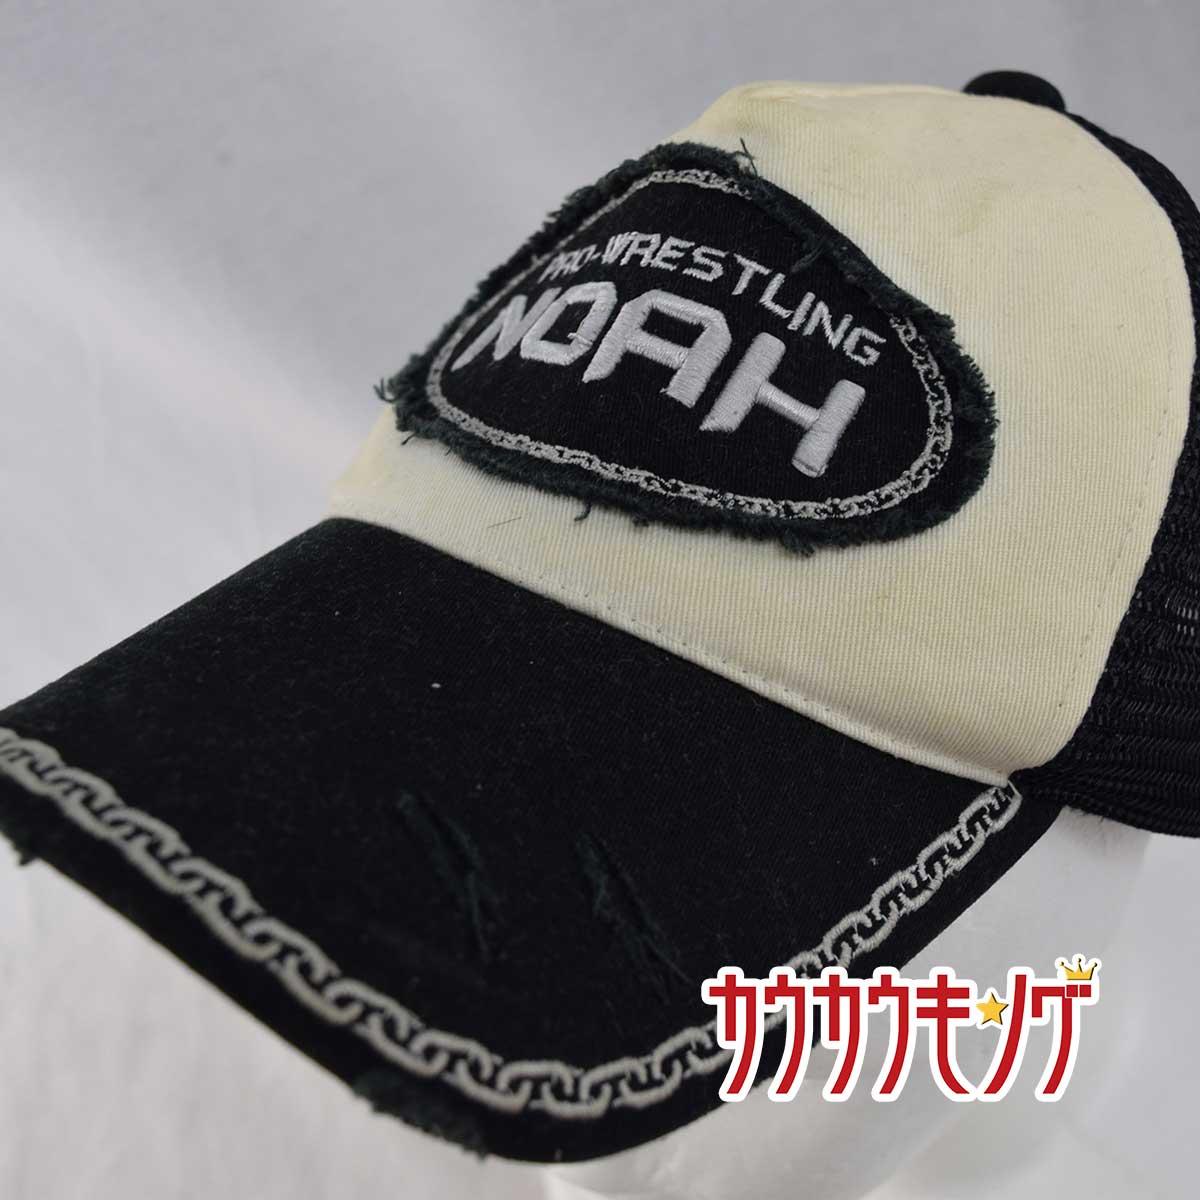 中古 プロレスリング ノア メッシュキャップ NOAH 永遠の定番モデル 10%OFF 帽子